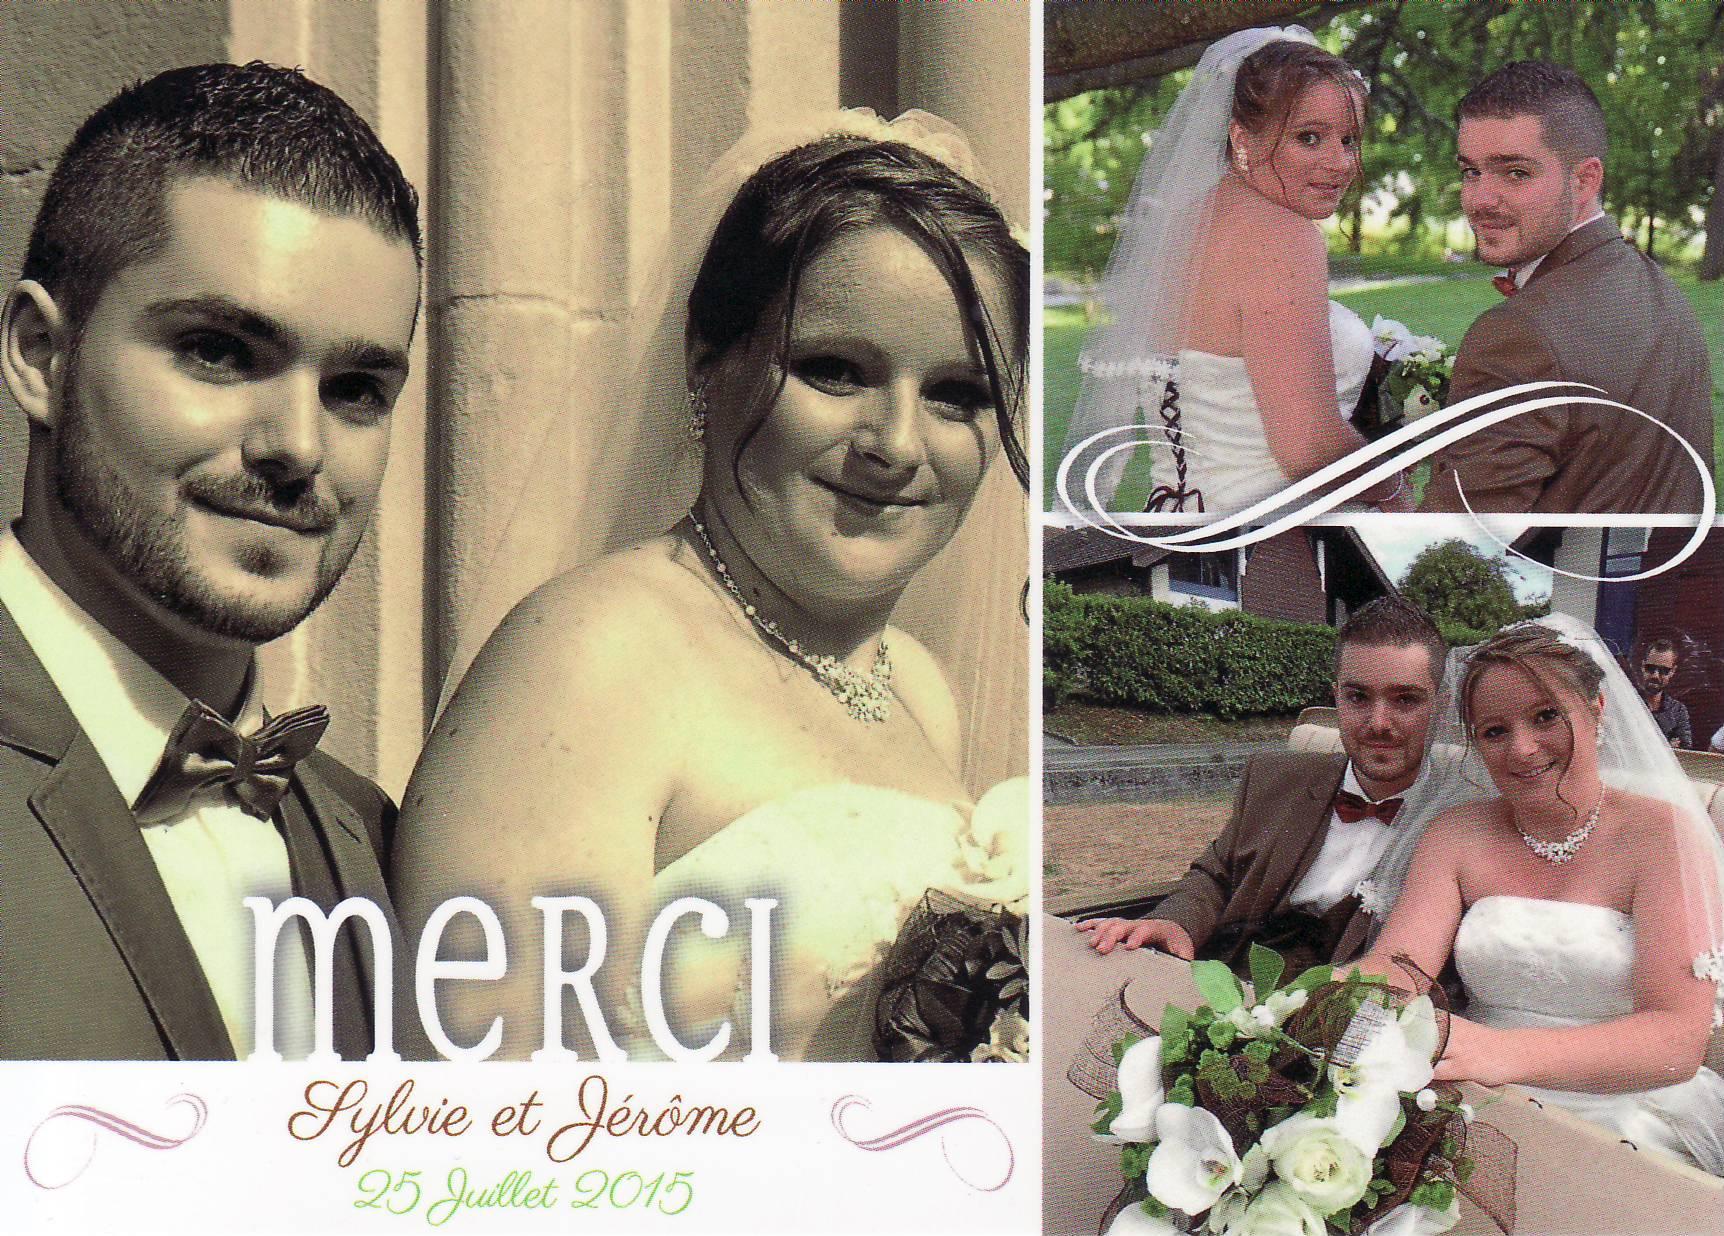 Mariage FOCCIS Jérôme & Sylvie (Cranves-Sales) (25-07-2015) 1